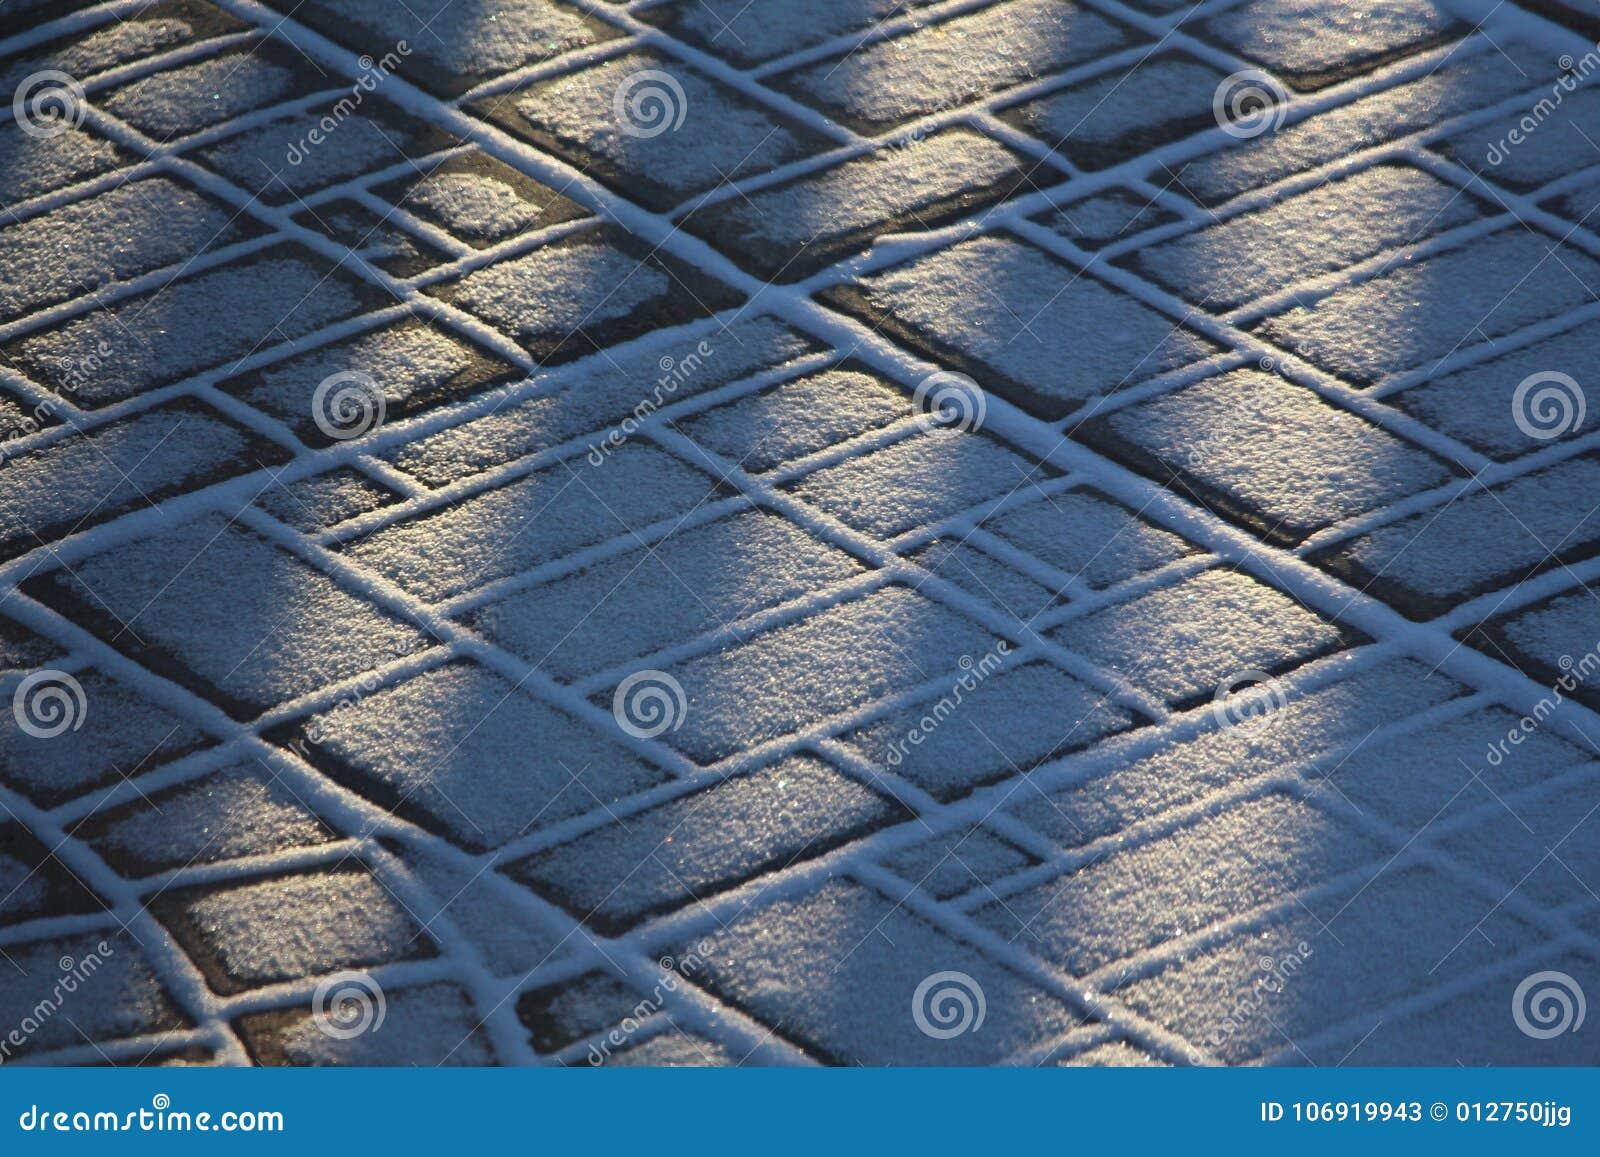 Śnieg tekstury na brukowych kamieniach i wzory